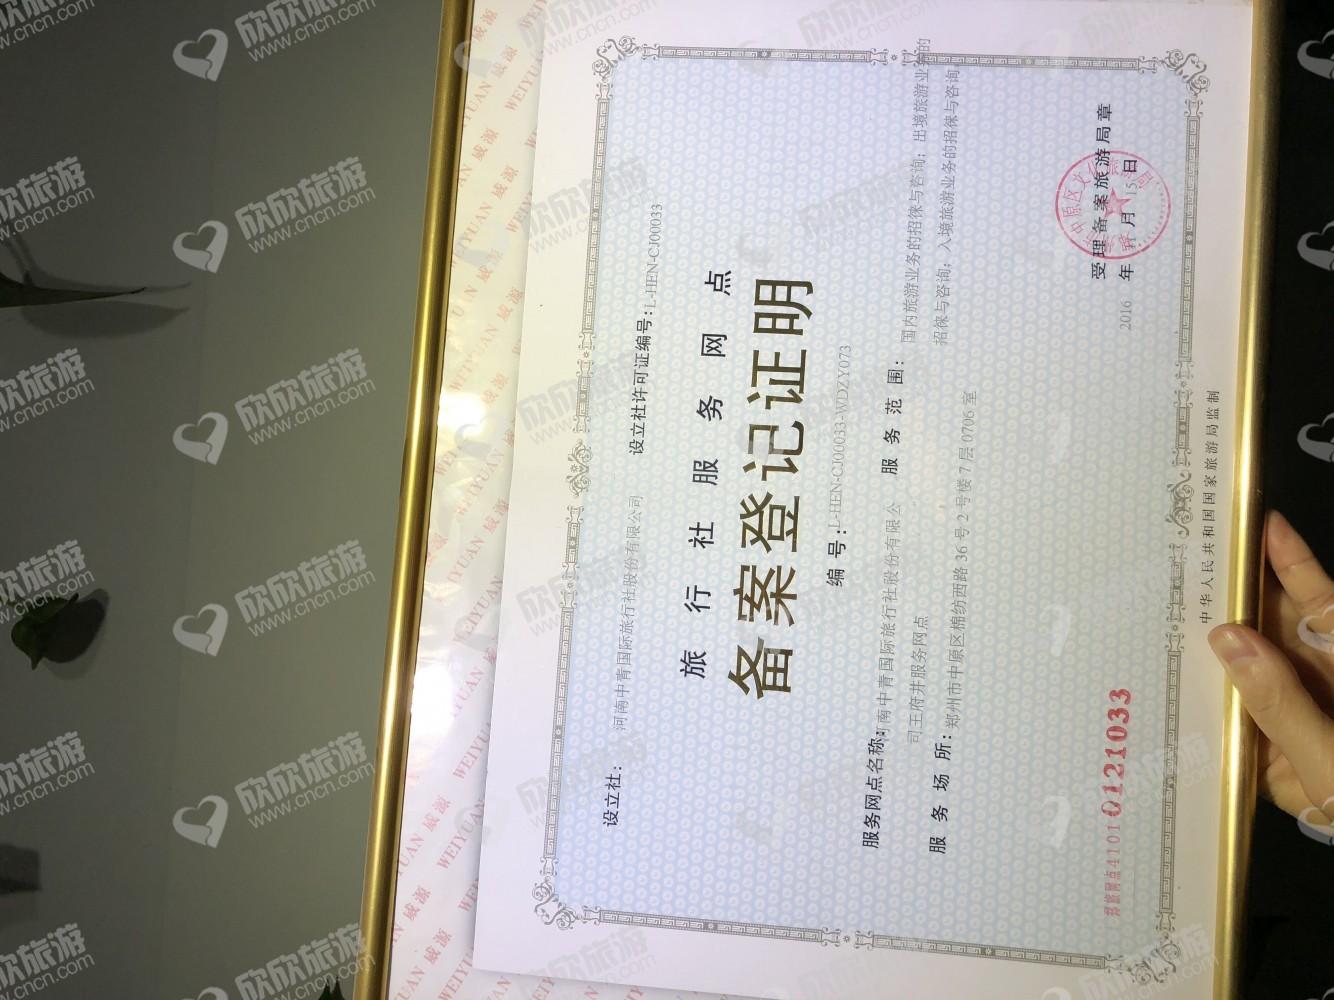 河南中青国际旅行社股份有限公司王府井服务网点经营许可证